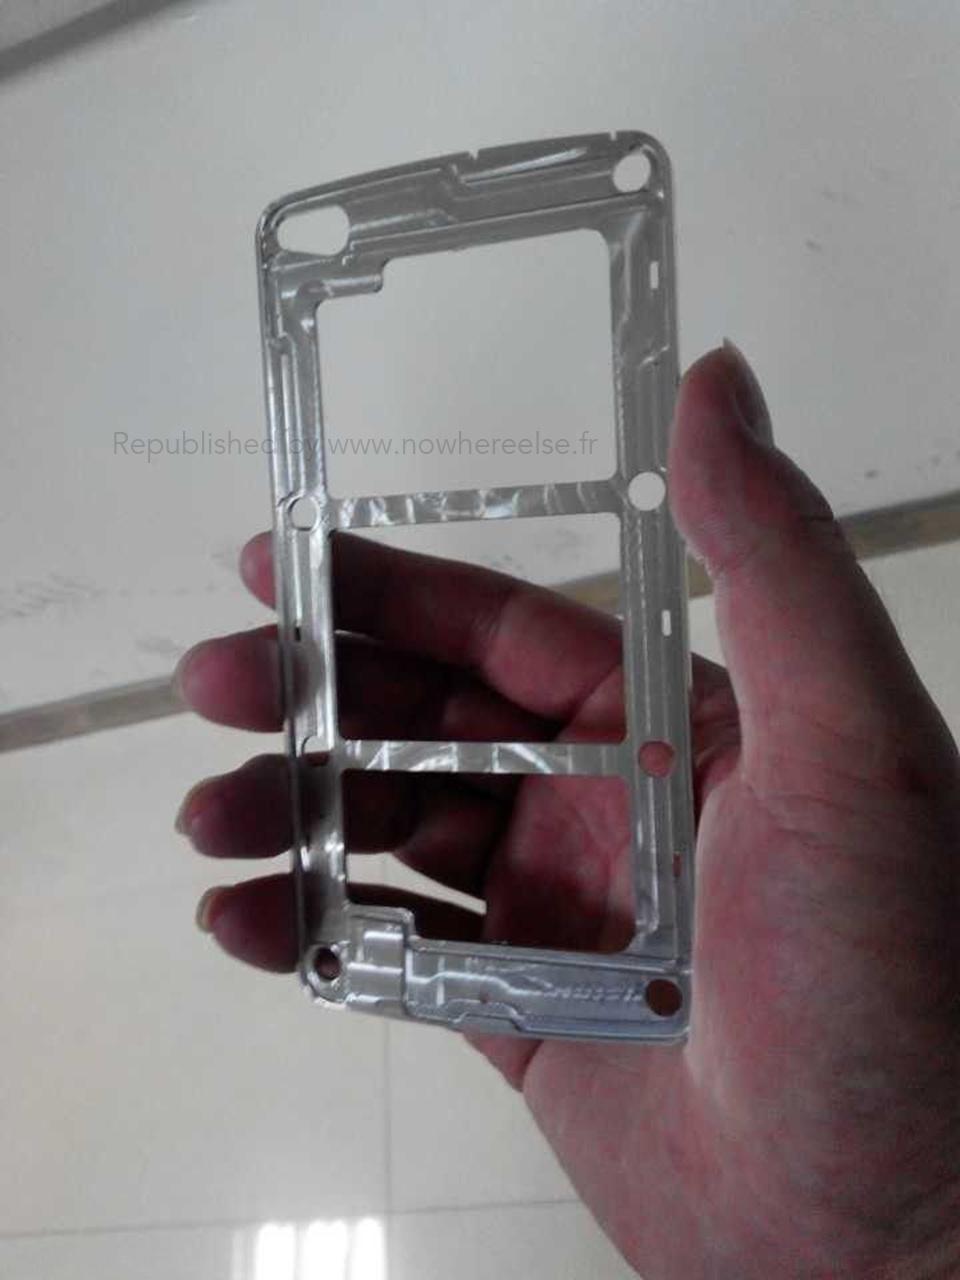 Фотографии рамки Samsung Galaxy S5 попали в сеть